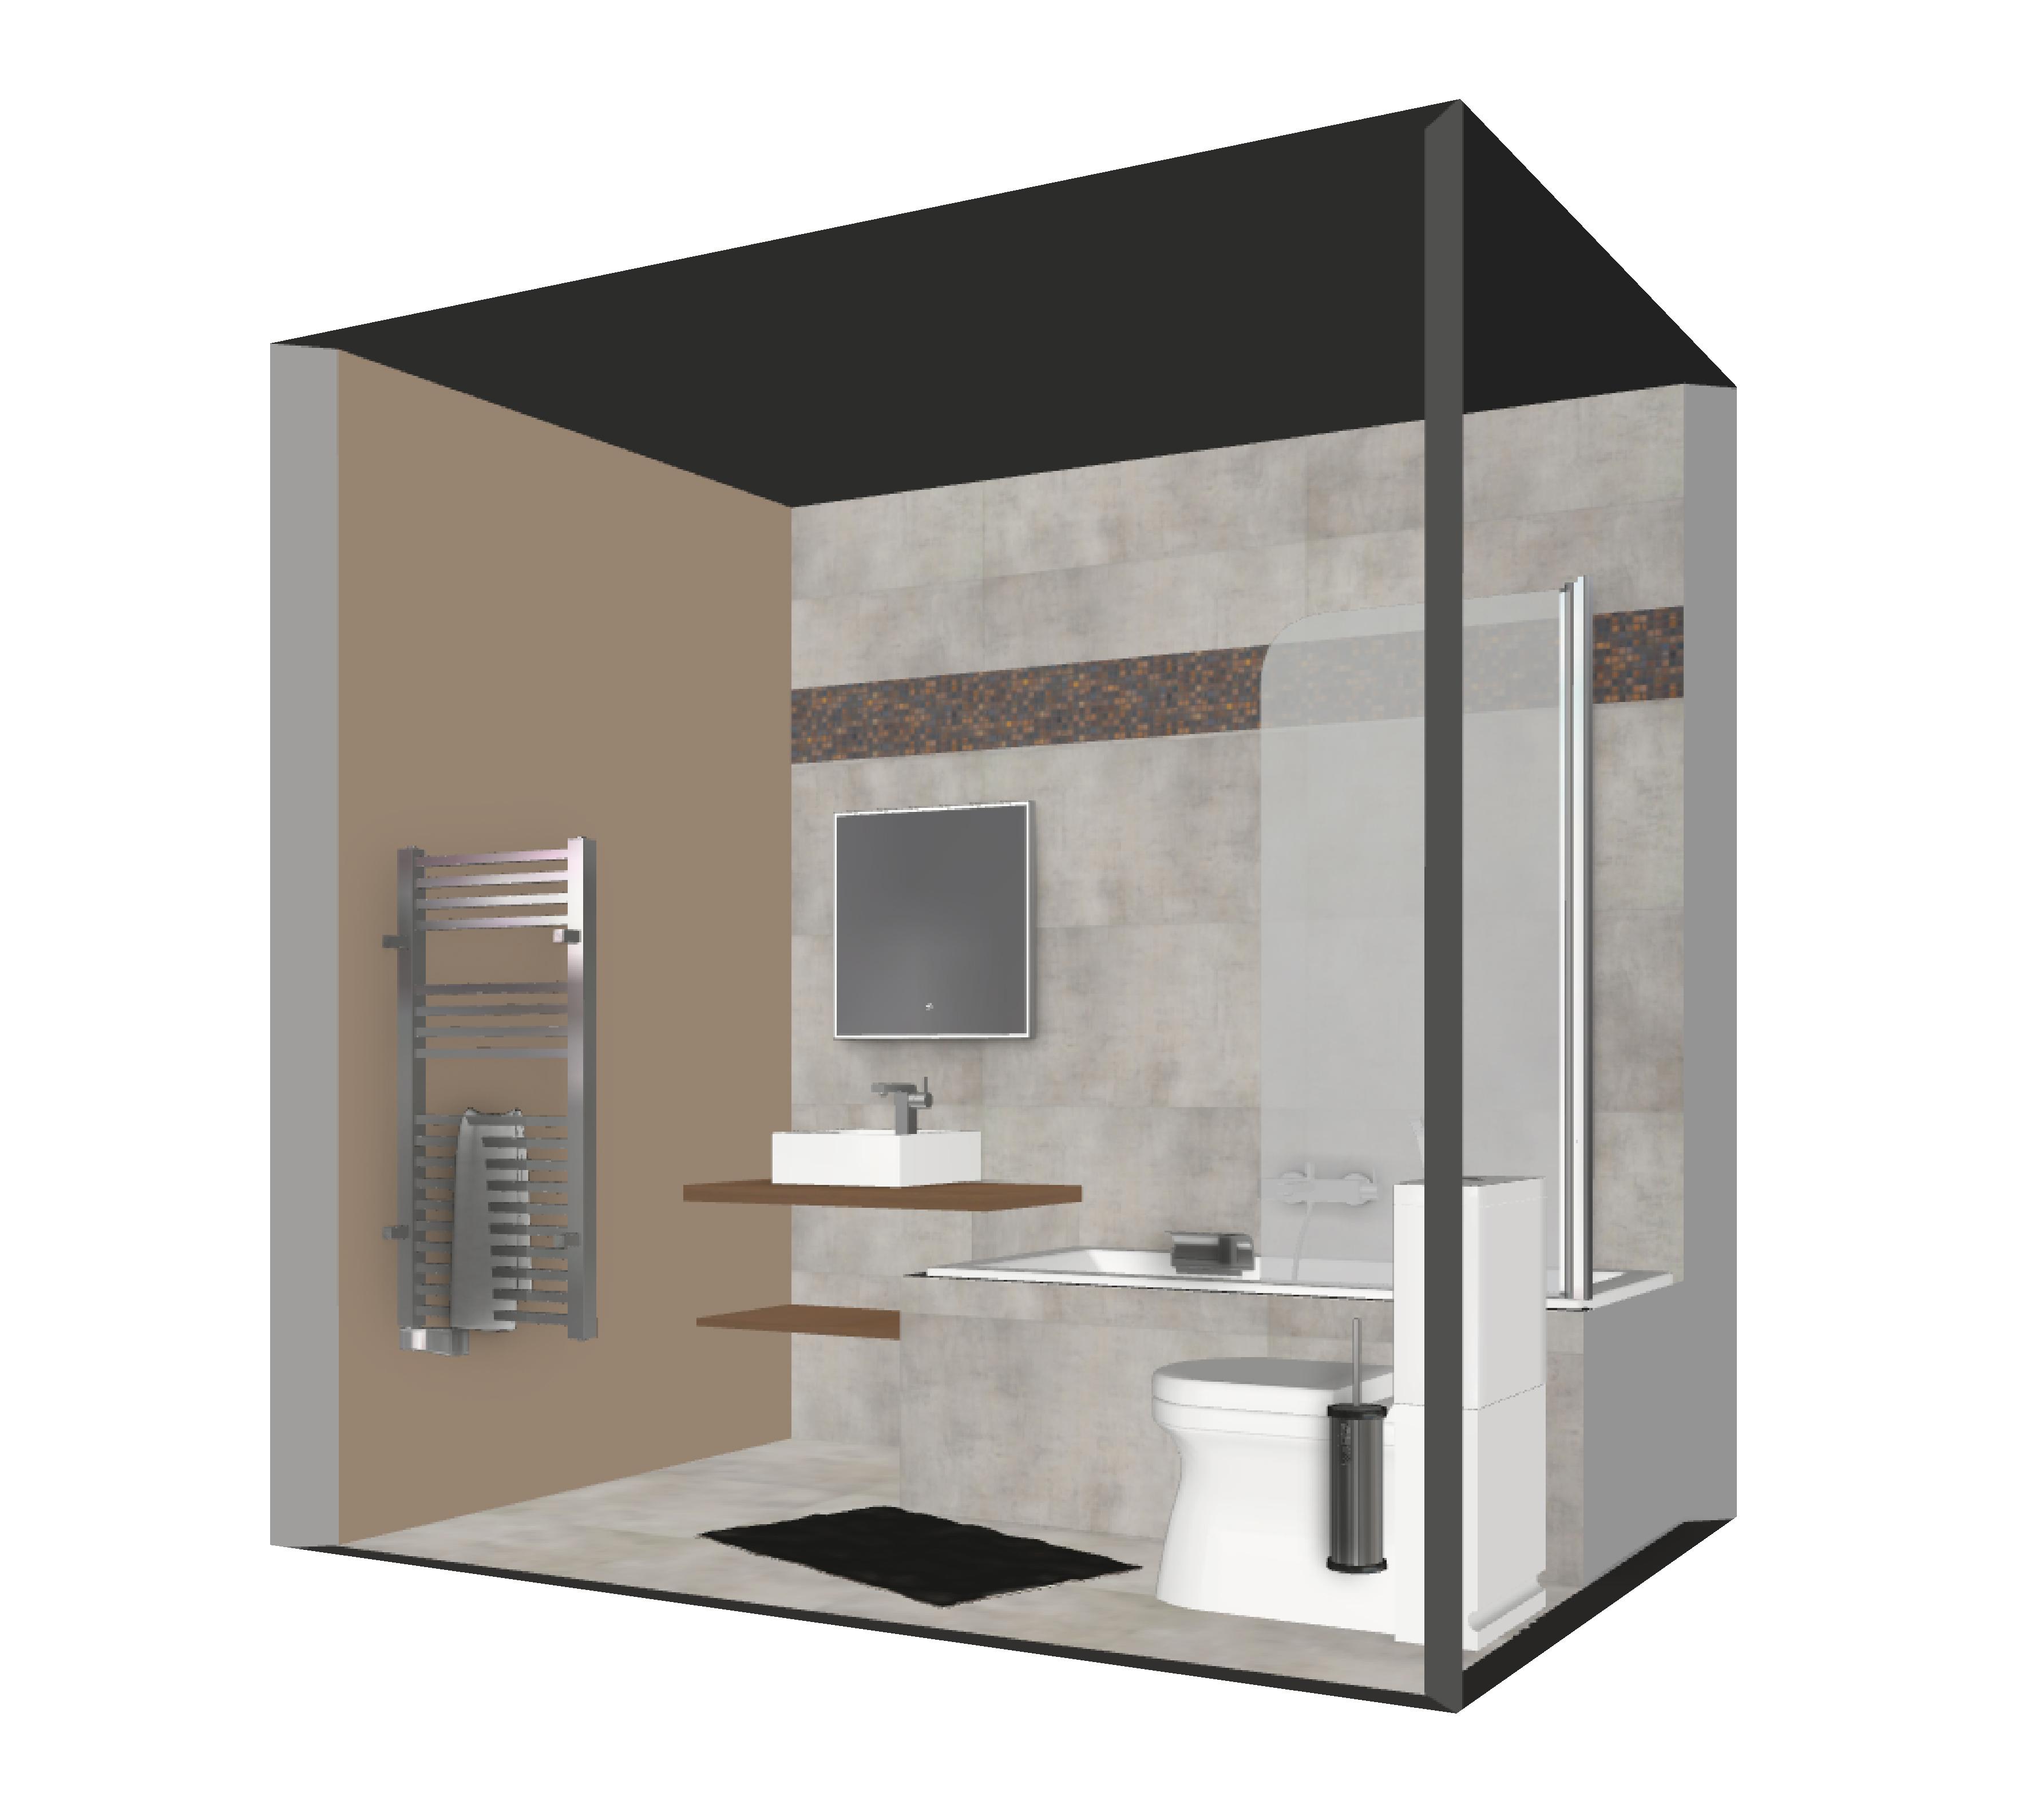 Salle de bain bathbox baignoire wc vasque 3 84 m2 for Prix salle de bain m2